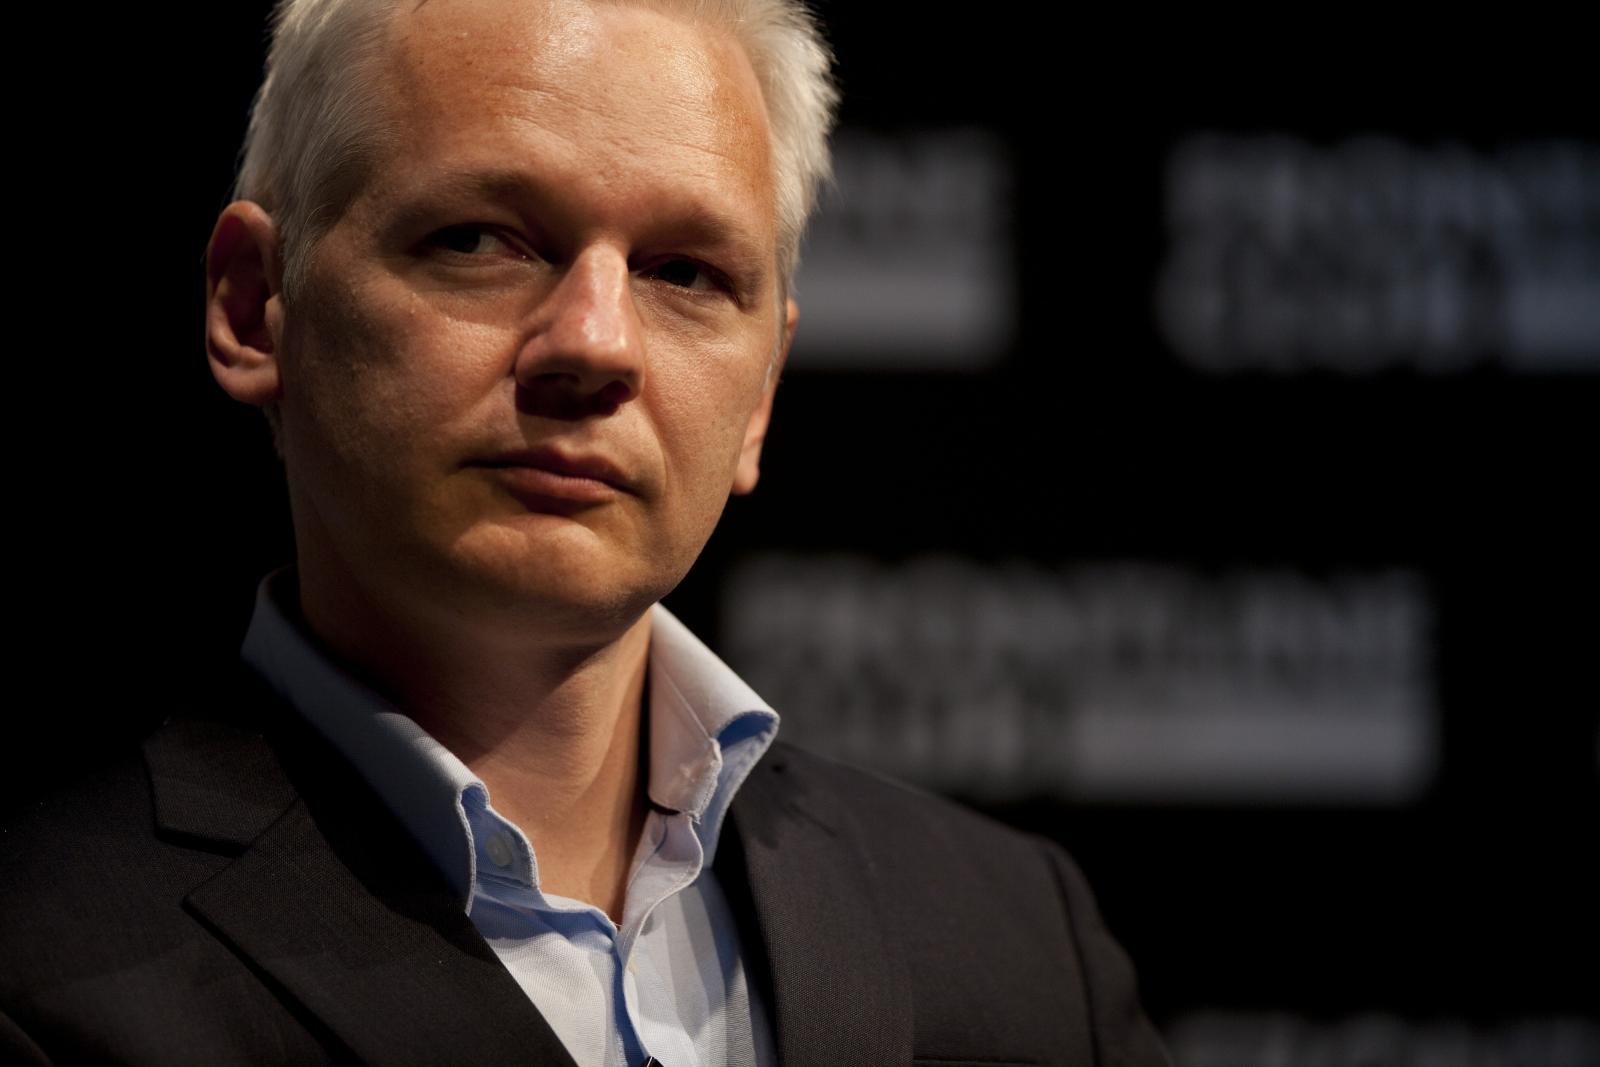 Julian Assange, WikiLeaks founder